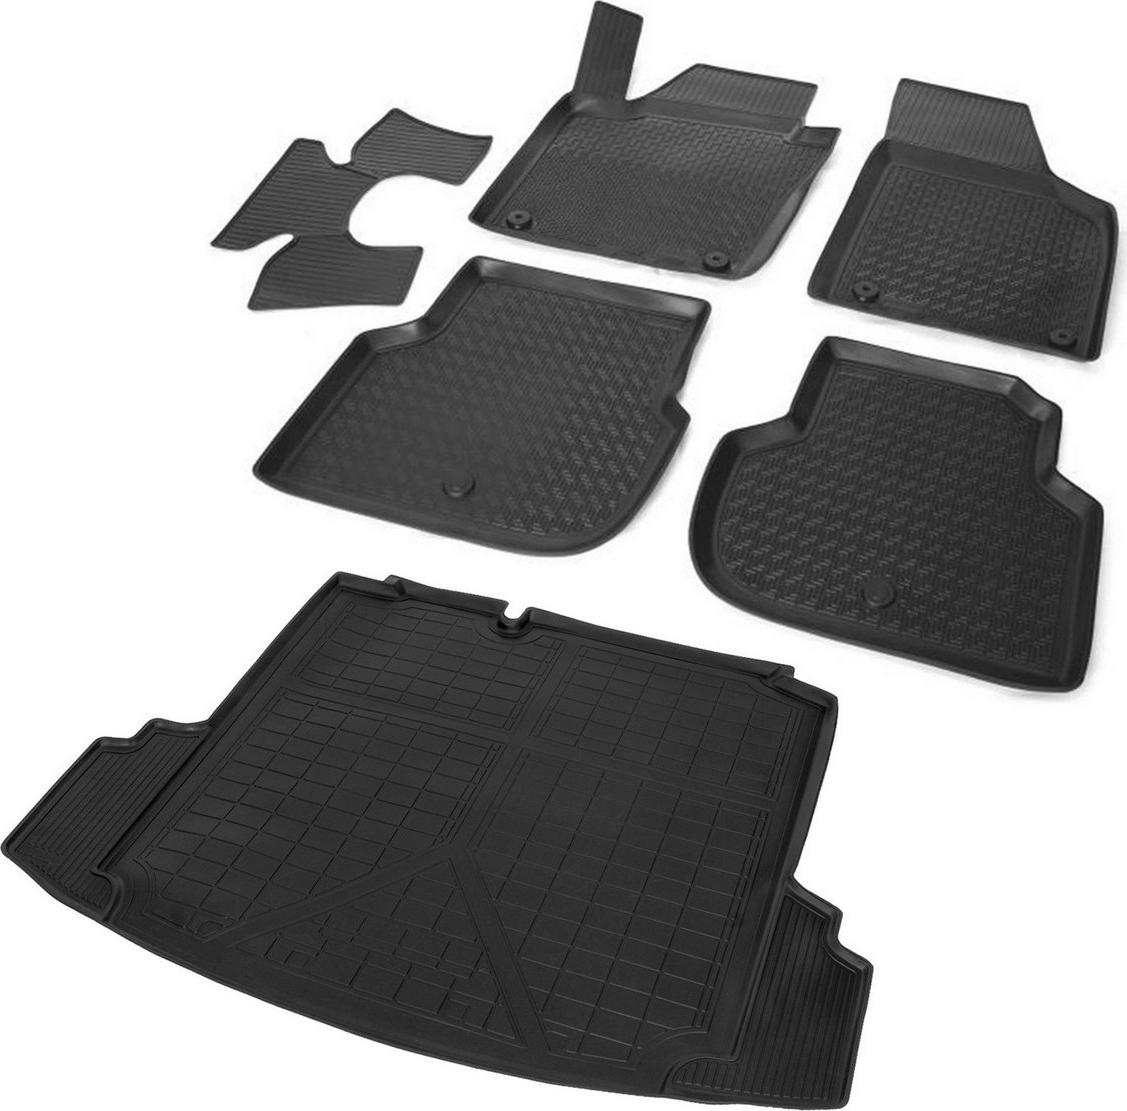 Комплект ковриков салона и багажника Rival для Volkswagen Jetta VI 2010-2015 2015-н.в., полиуретан, с крепежом, с перемычкой, 6 шт. K15802001-2 комплект ковриков салона и багажника rival для volkswagen jetta 2010 н в полиуретан k15802001 2